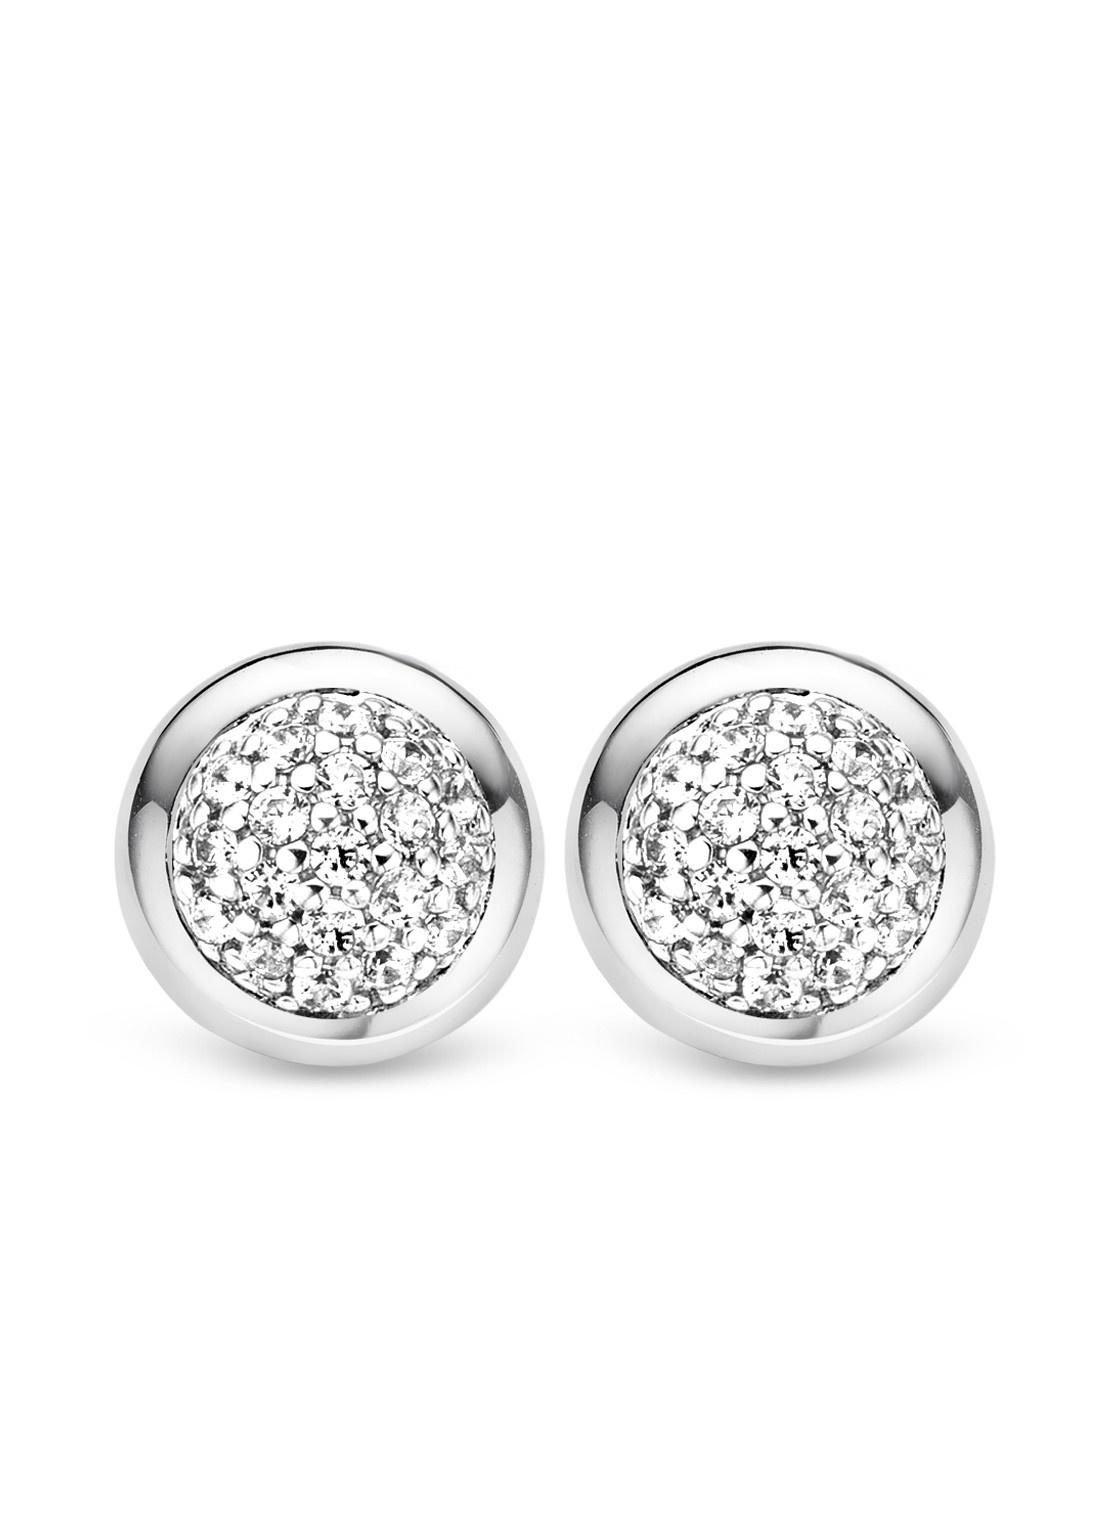 TI SENTO - Milano Earrings 7732ZI-2